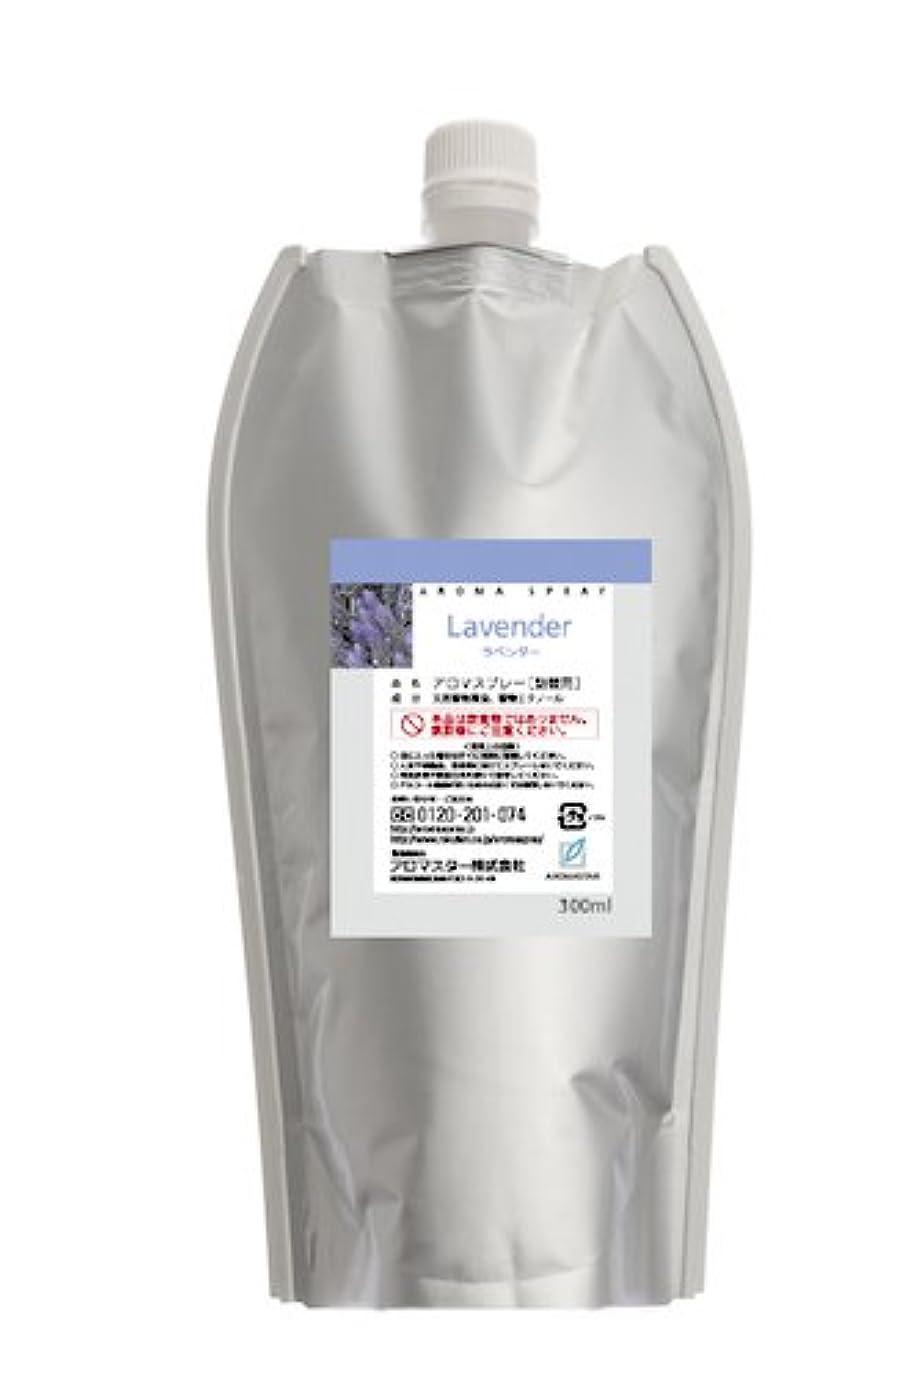 形容詞集計周術期AROMASTAR(アロマスター) アロマスプレー ラベンダー 300ml詰替用(エコパック)